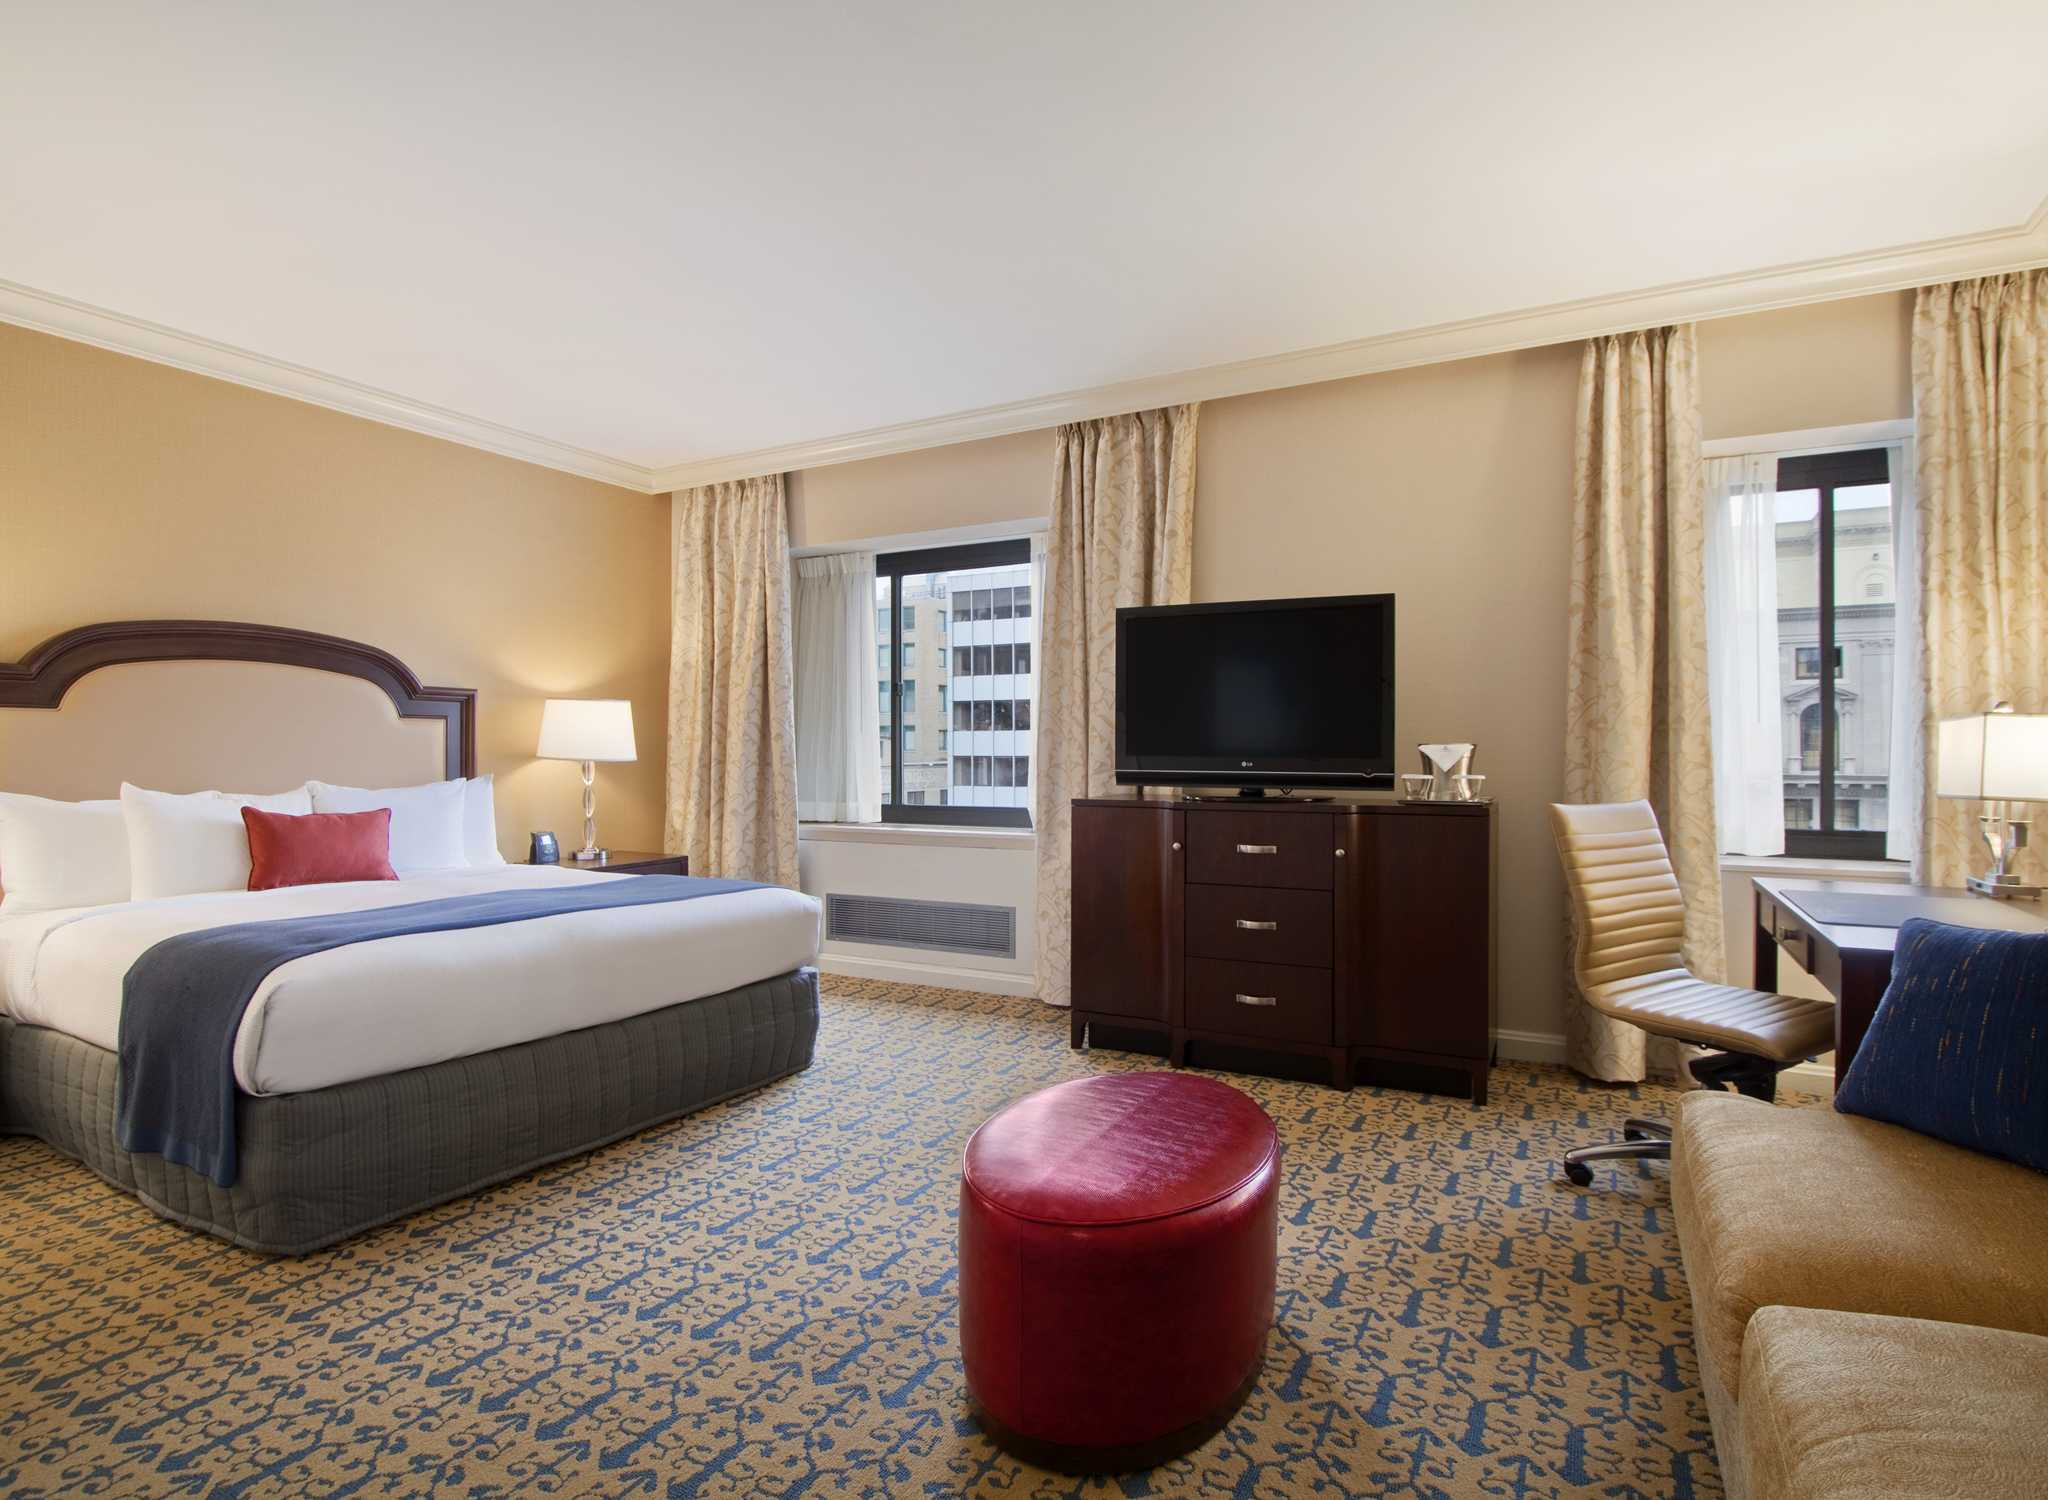 Hoteles En El Centro De La Ciudad De Washington Dc Hotel De Lujo  # Muebles Capital Federal